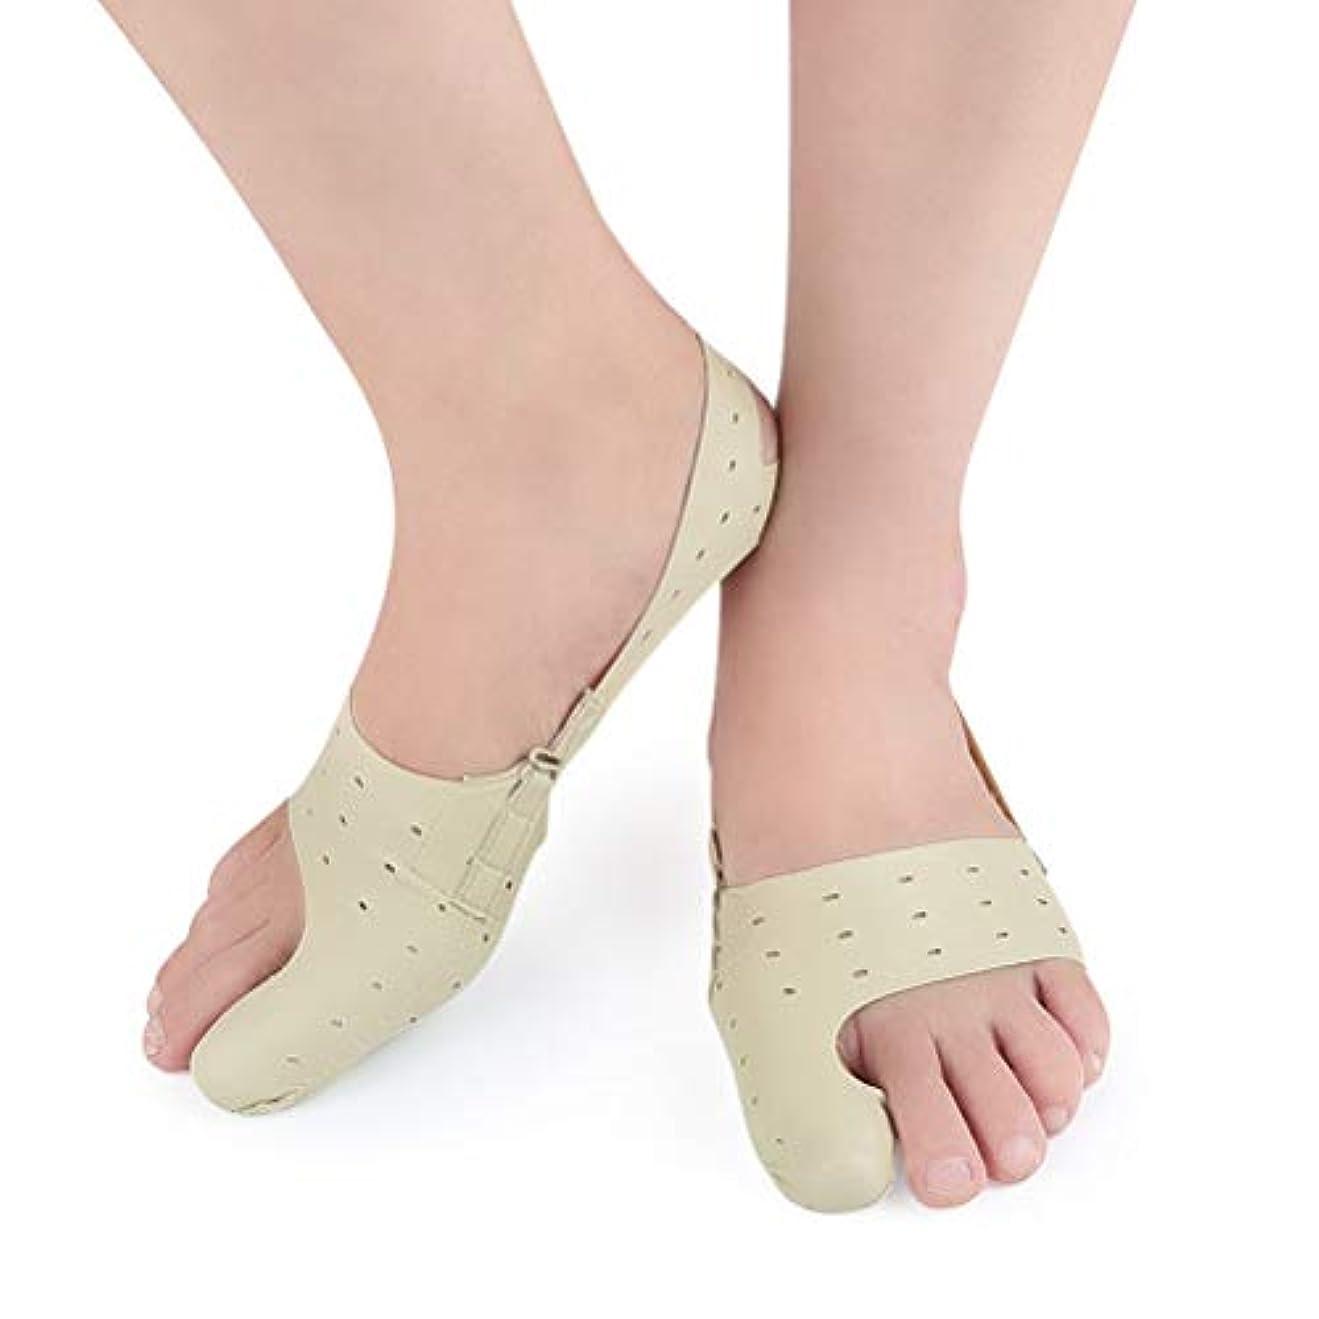 尊敬する変換する細断Healifty 外反母趾 専用 バニオン パッド つま先セパレーター 矯正 親指矯正 トーセパレーター PUレザー 痛み緩和 フット 親指矯正 ユニセックス M 1ピース(ベージュ)